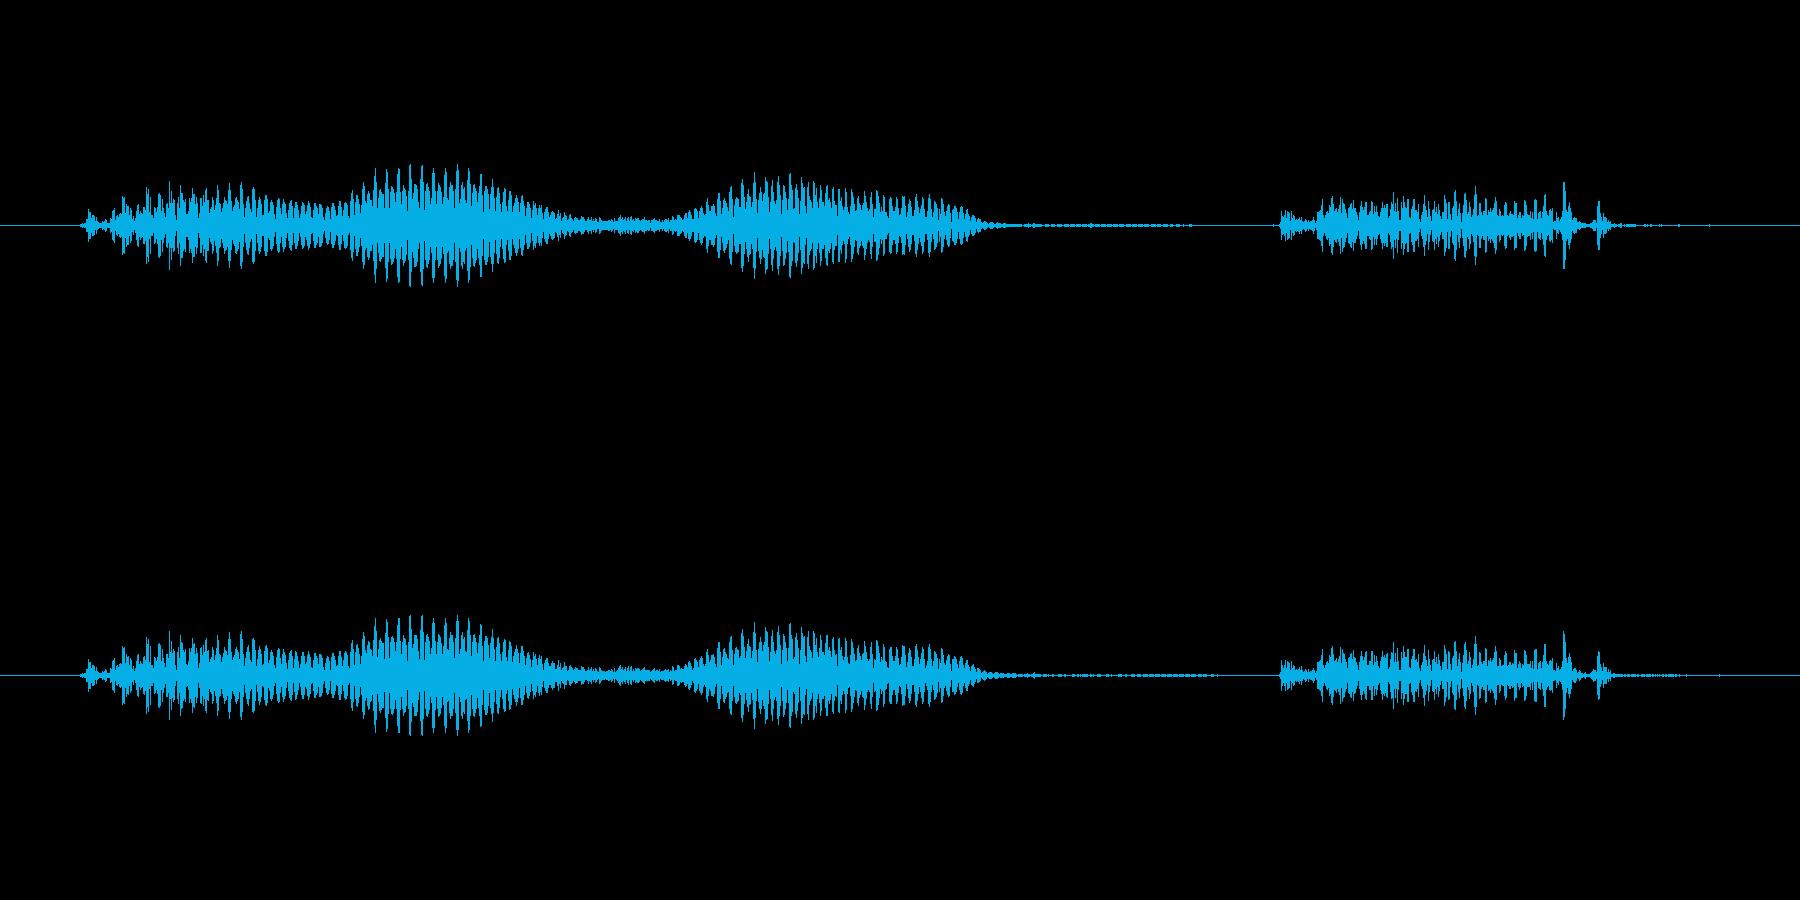 ありがと(軽く)の再生済みの波形